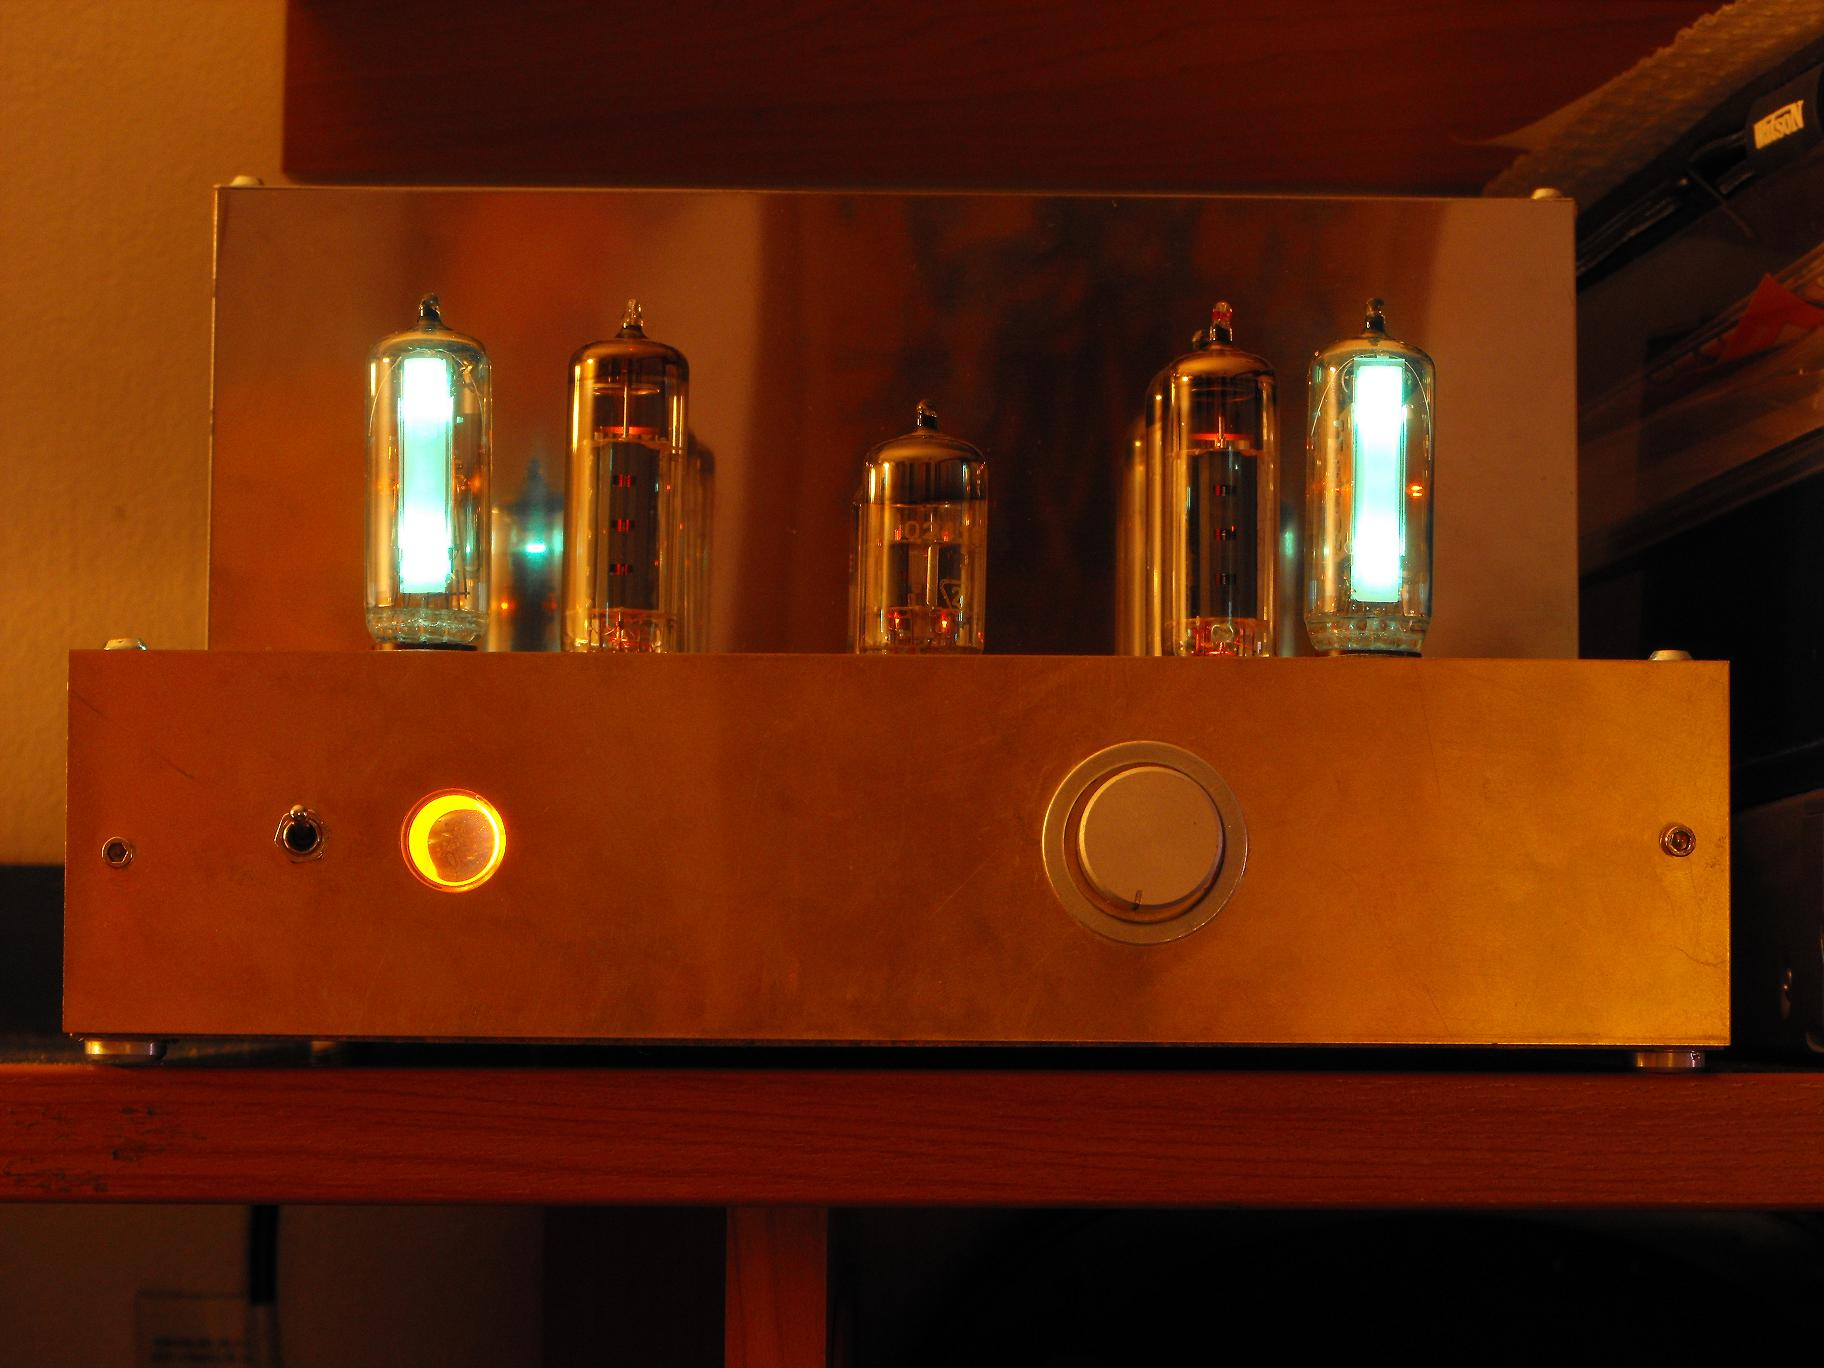 Bud�etowy wzmacniacz lampowy x2